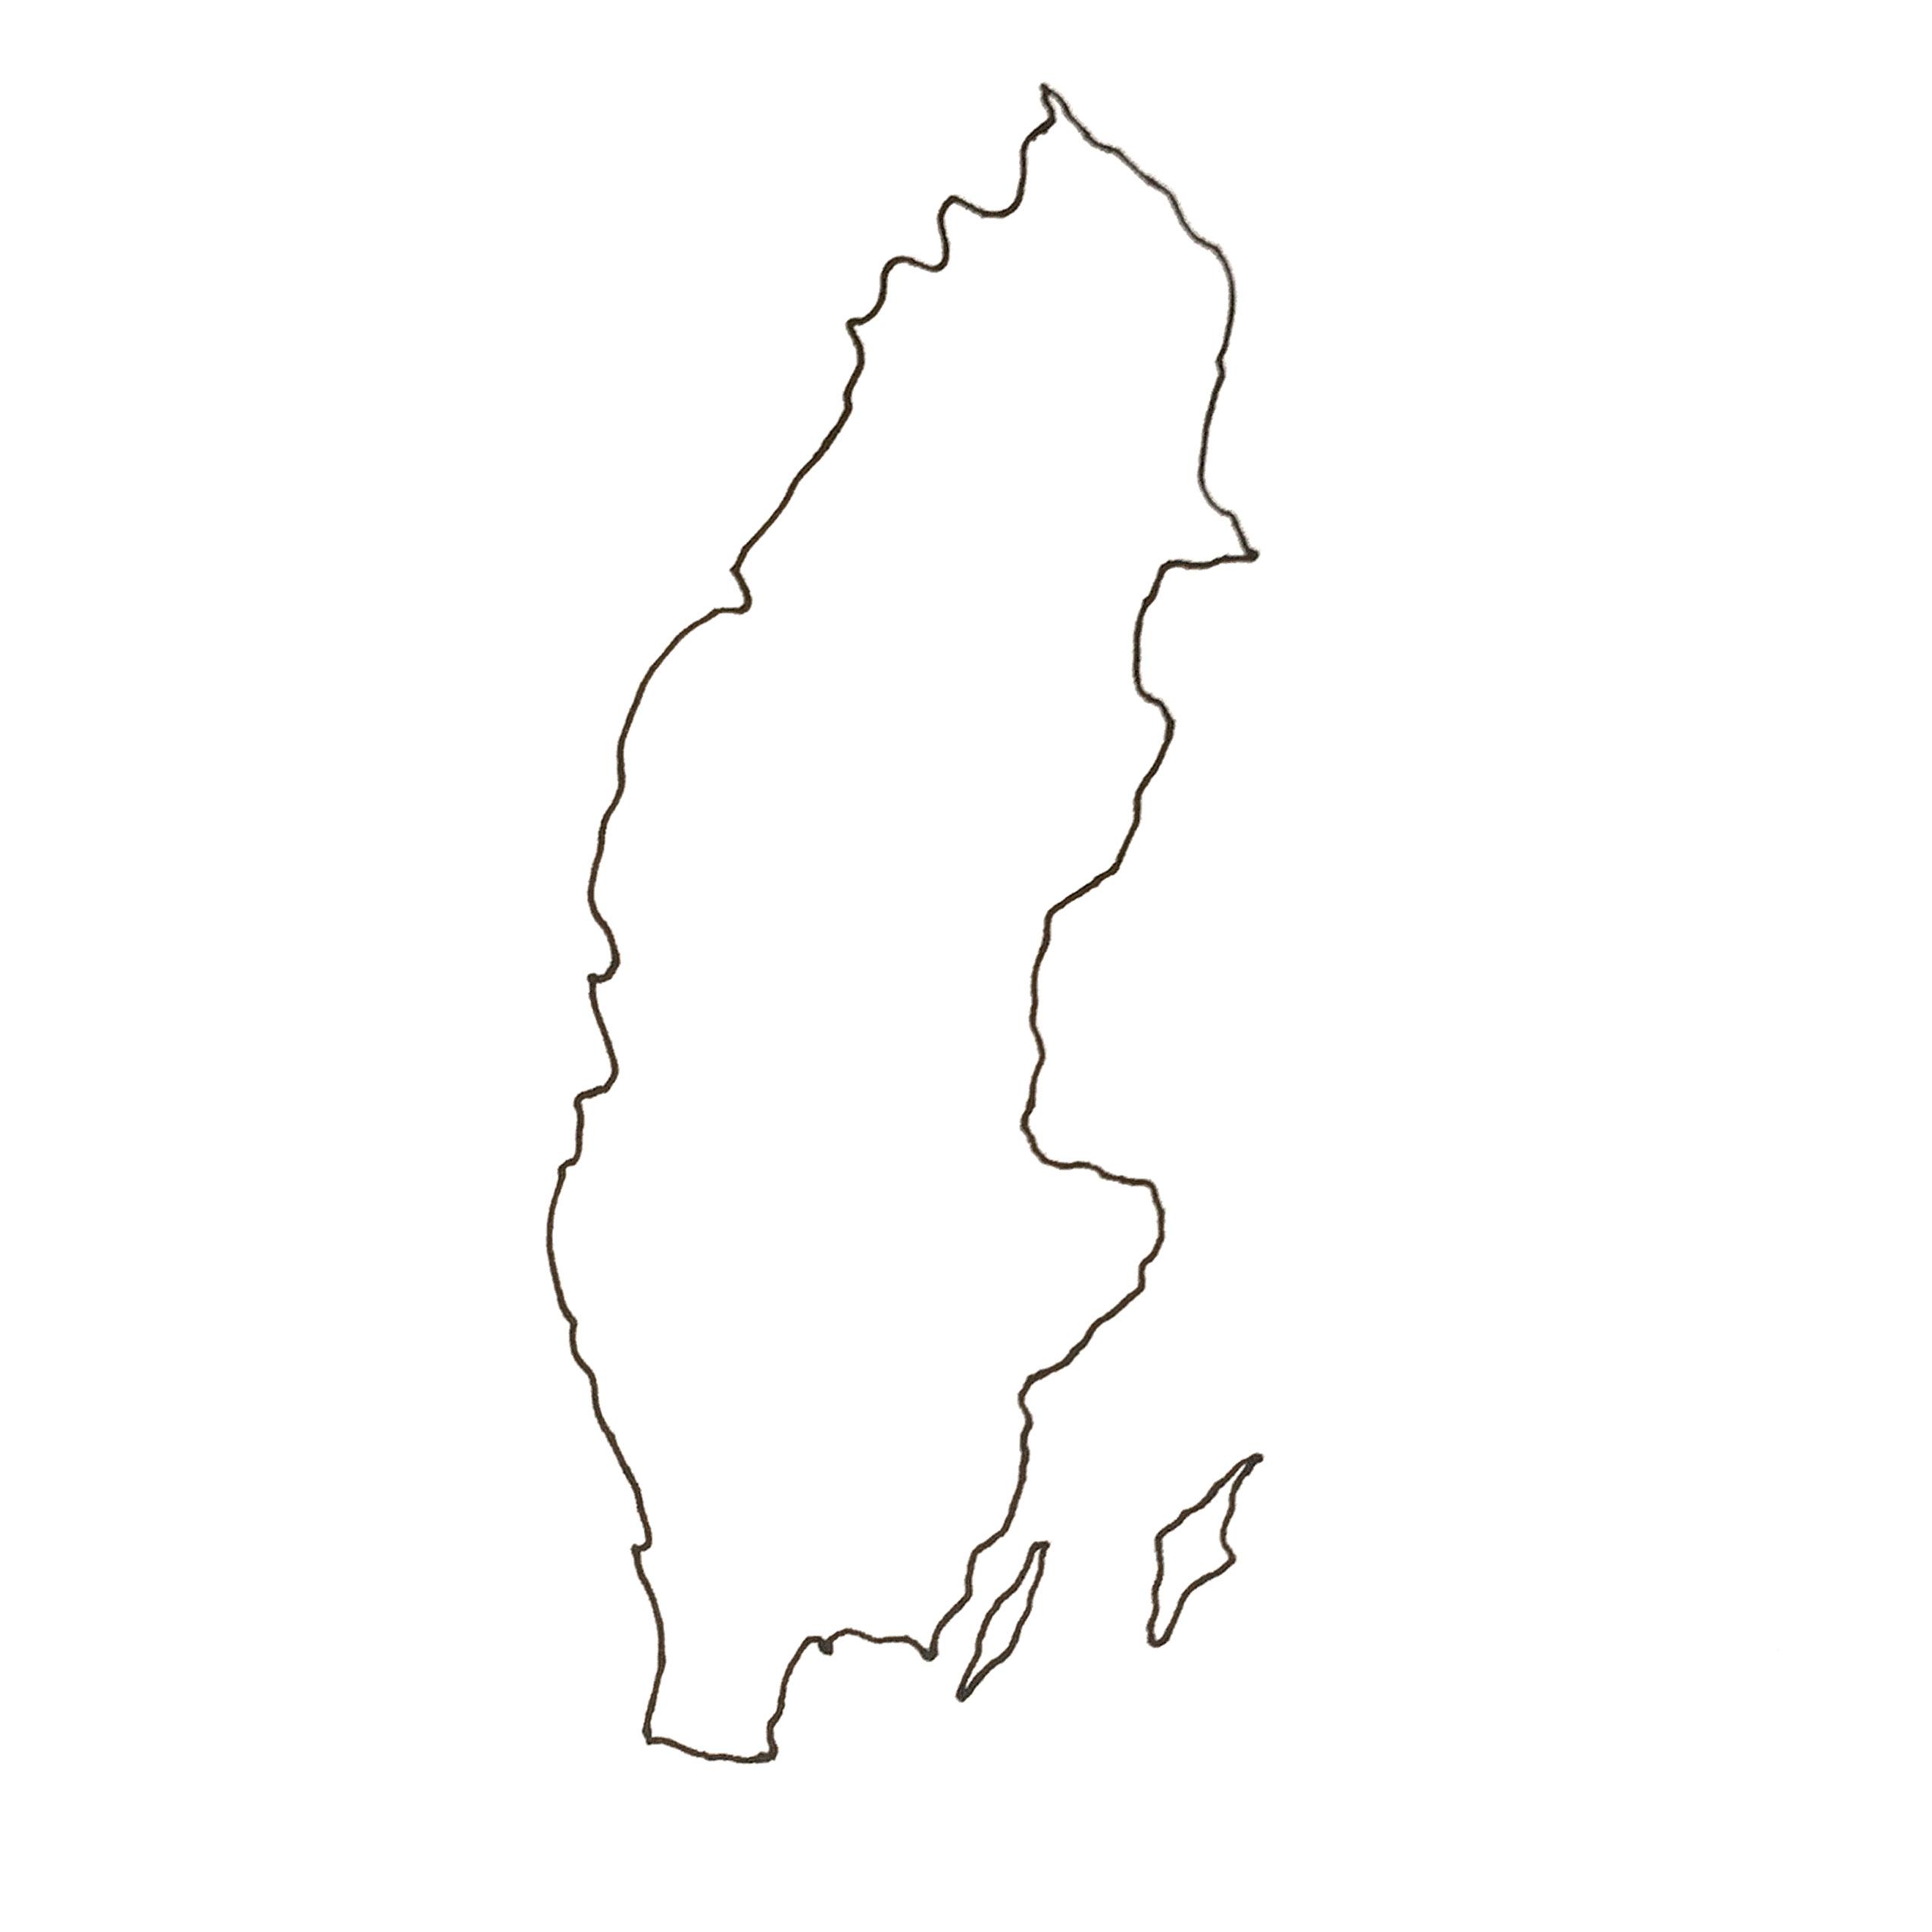 Sverigeskort for VIIL